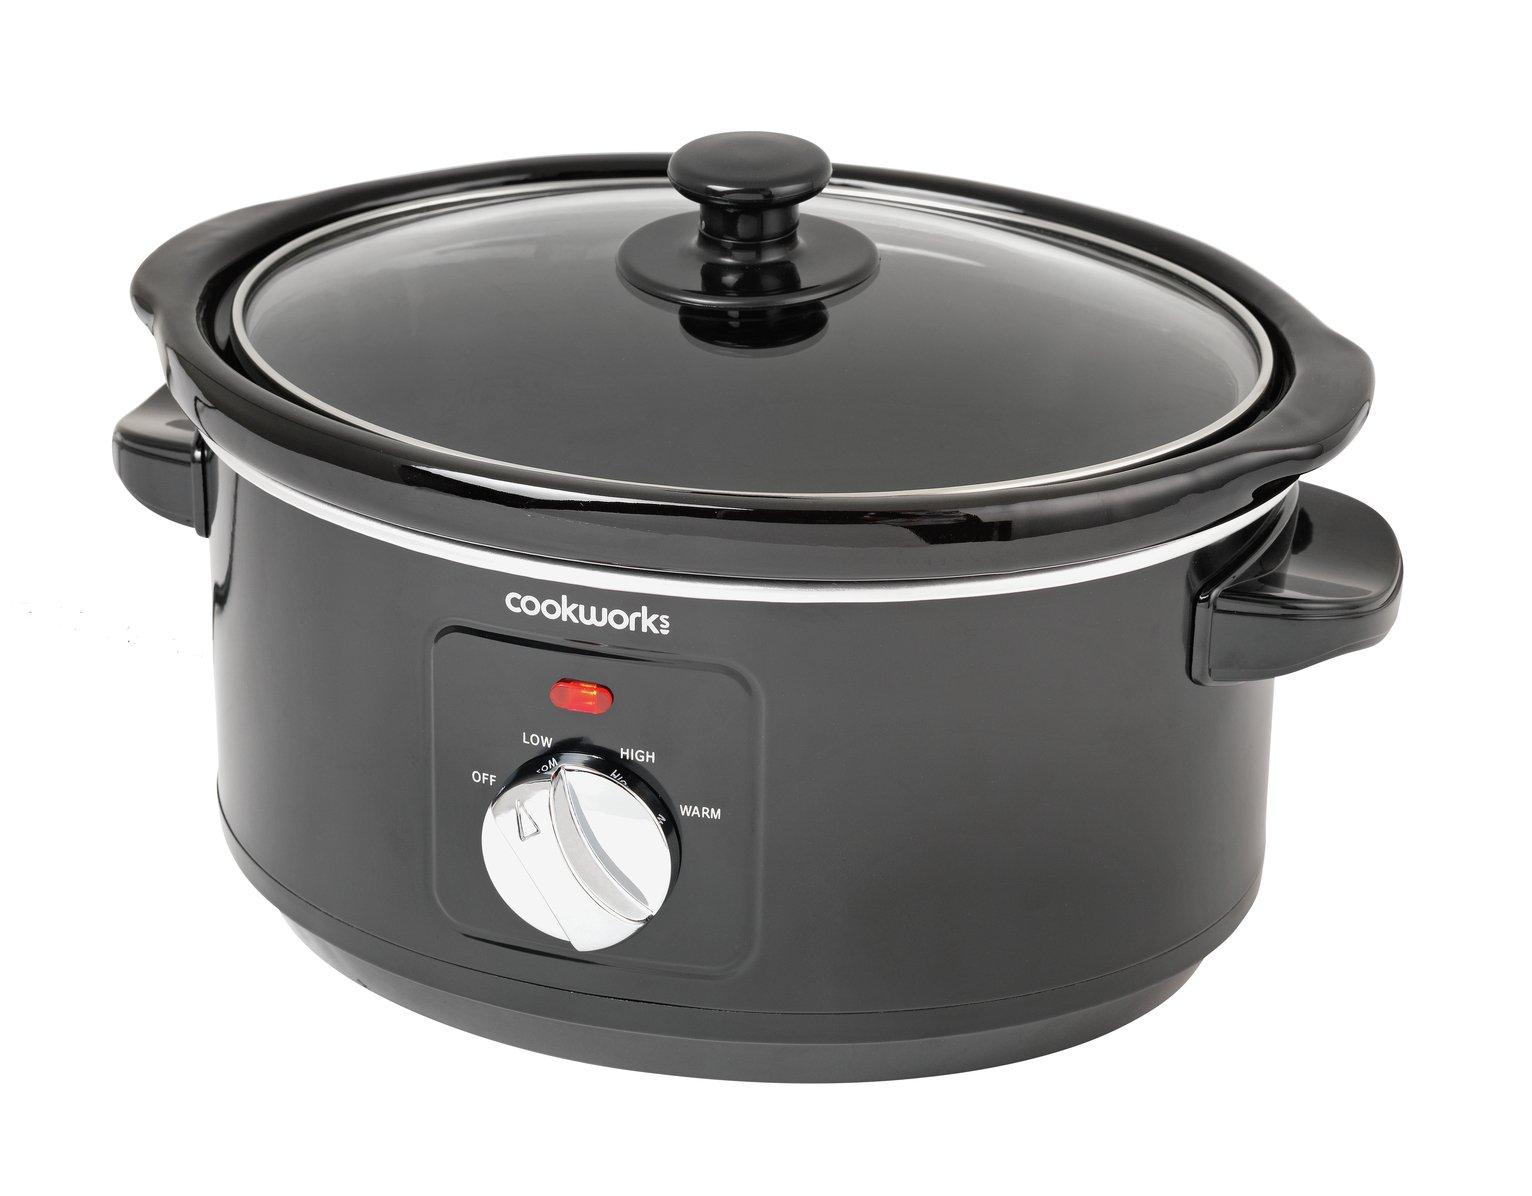 Image of Cookworks 3.5L Slow Cooker - Black